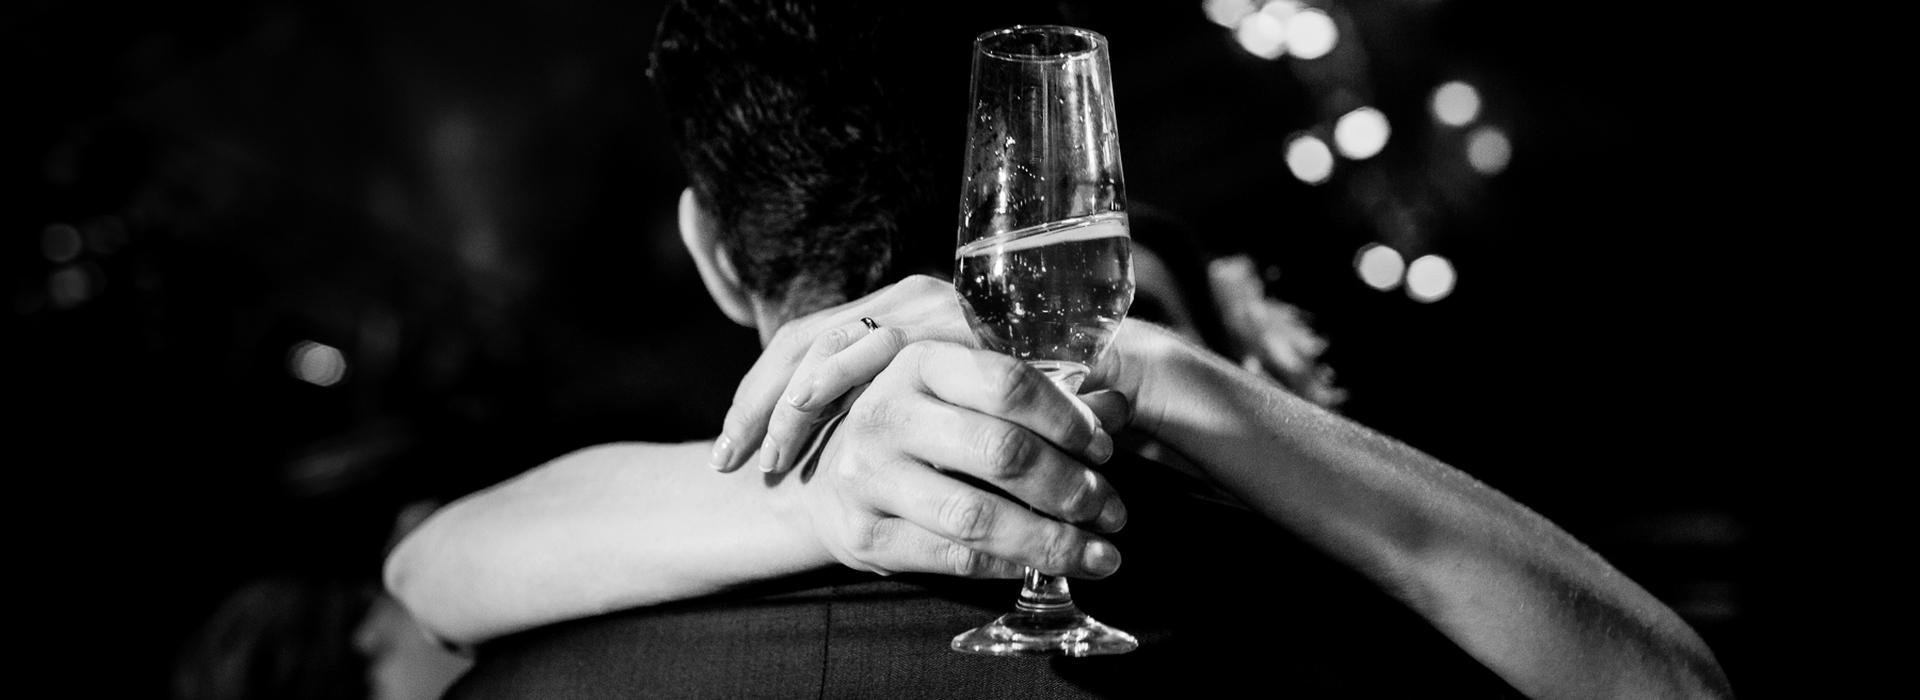 Casamento de Cinthia e Conrado em Casamento em Casa - BH